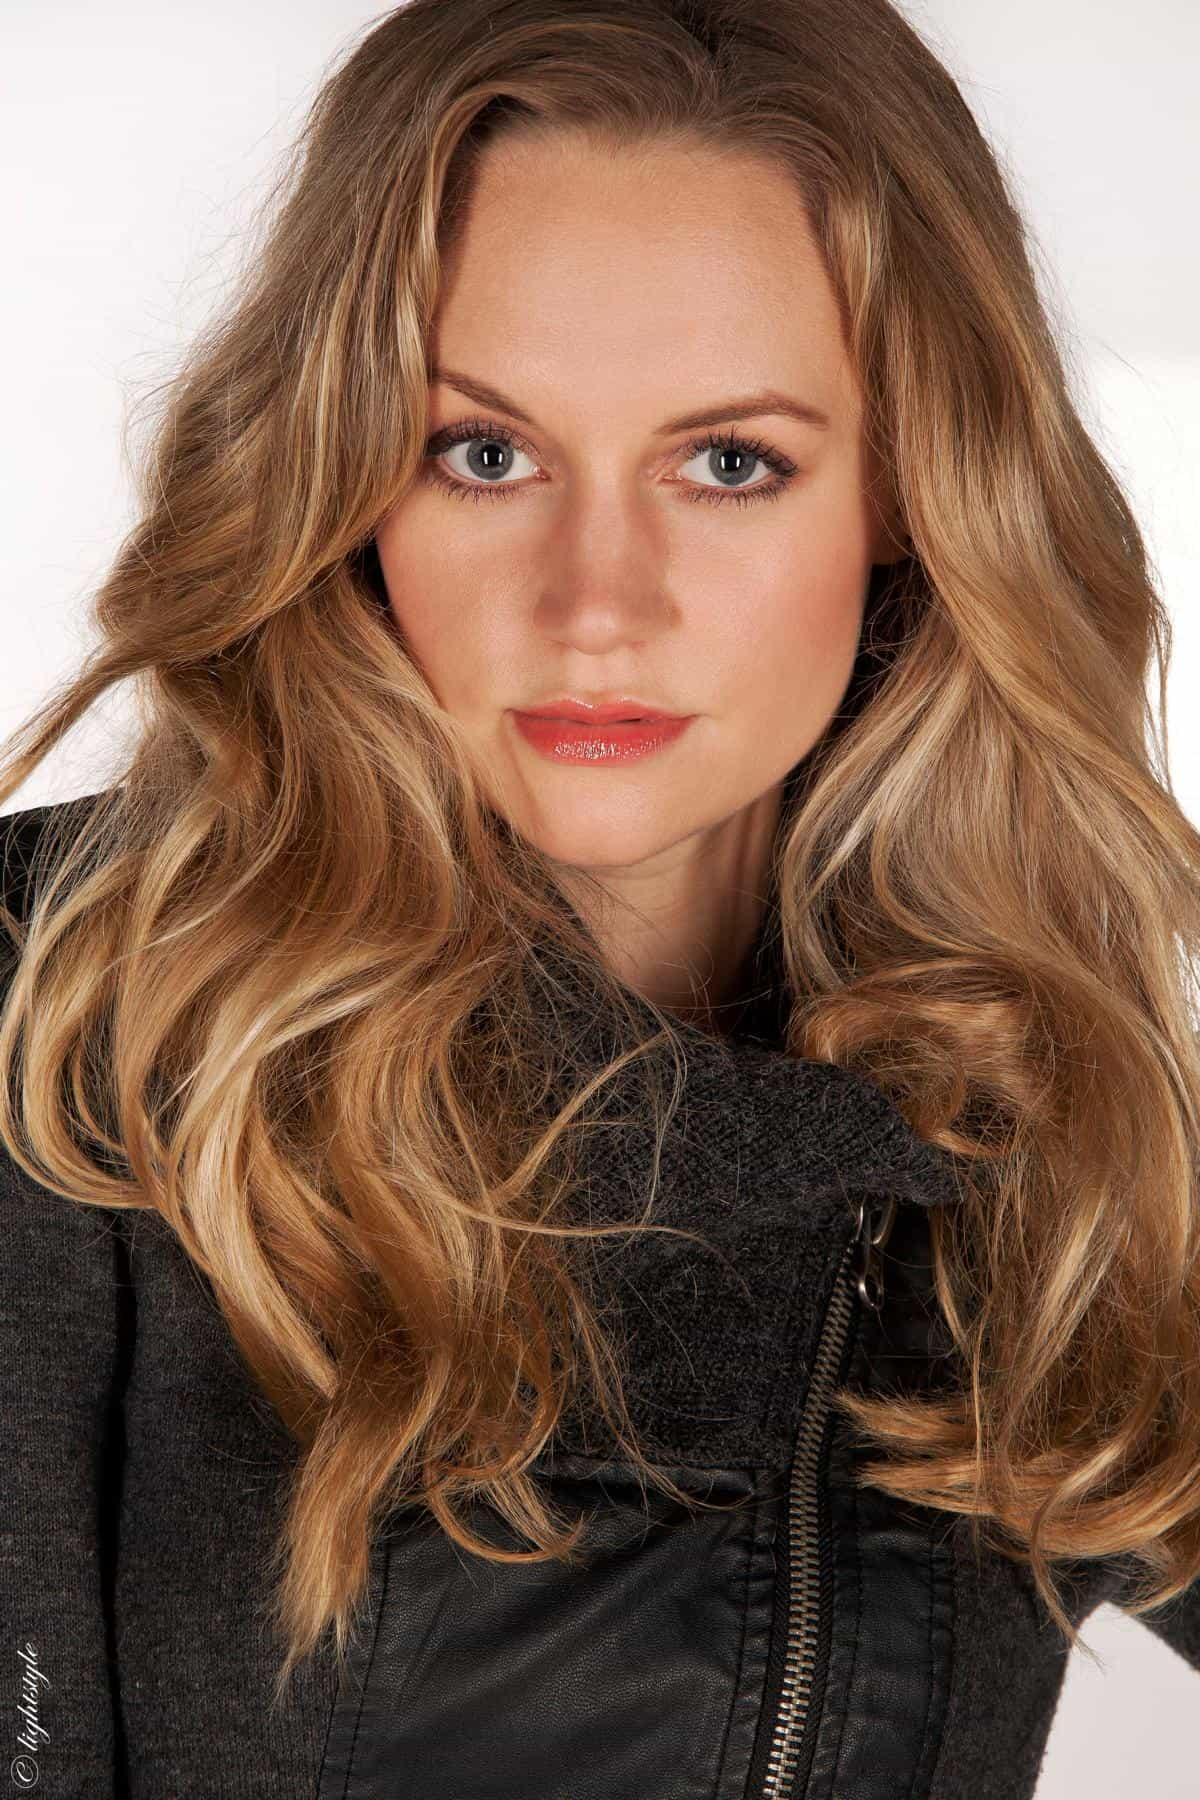 Janina Treis Treis ist eine Stuttgarter Moderatorin. Durch ihr schauspielerisches Talent wird sie regelmäßig für Werbe- & Filmaufnahmen gebucht. Kunden sind u.a.. BOSCH, Galileo, BW-Bank, WMF.